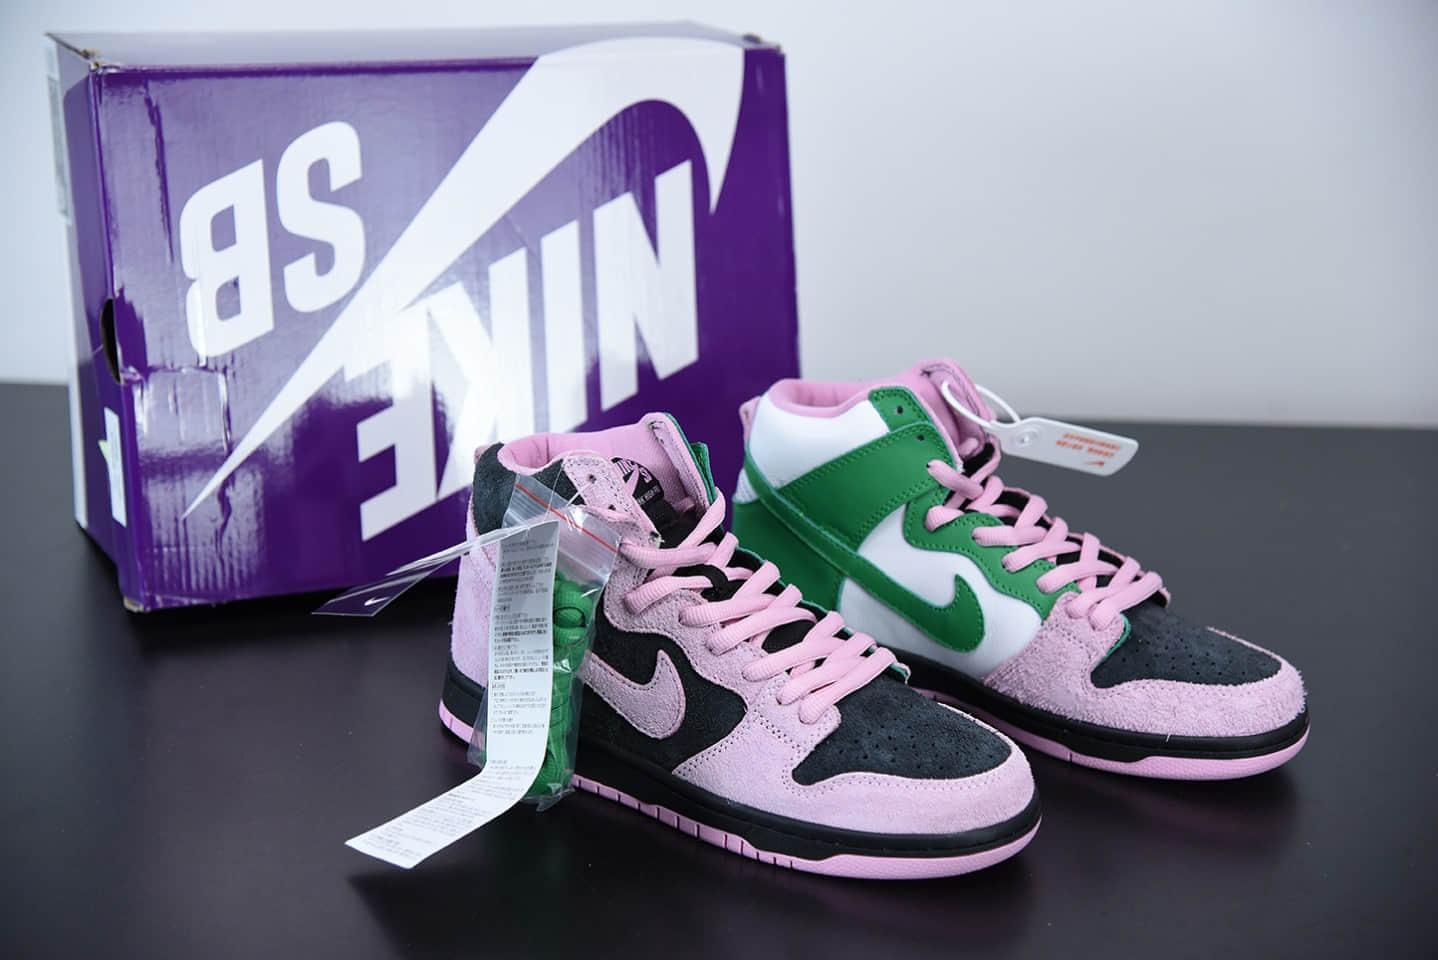 耐克Nike SB Dunk High ProInvert Celtics 黑粉白绿凯尔特人扣篮系列高帮休闲运动滑板板鞋纯原版本 货号:CU7349-001